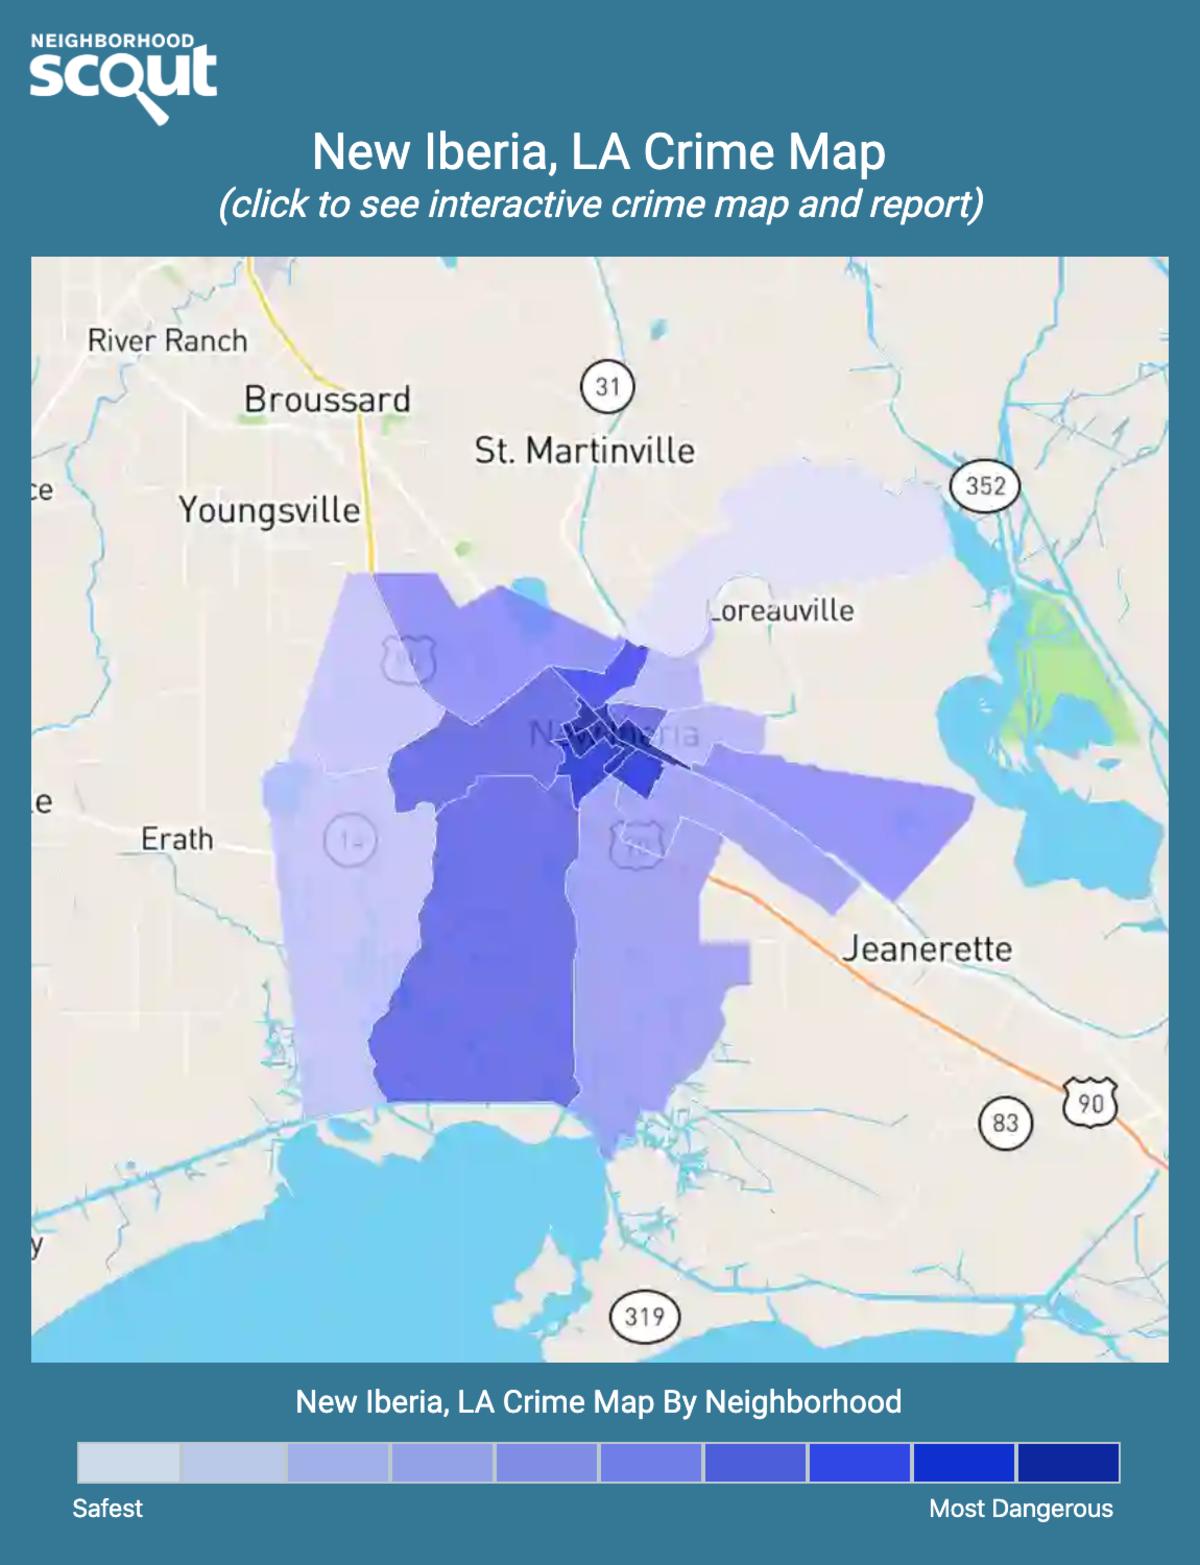 New Iberia, Louisiana crime map